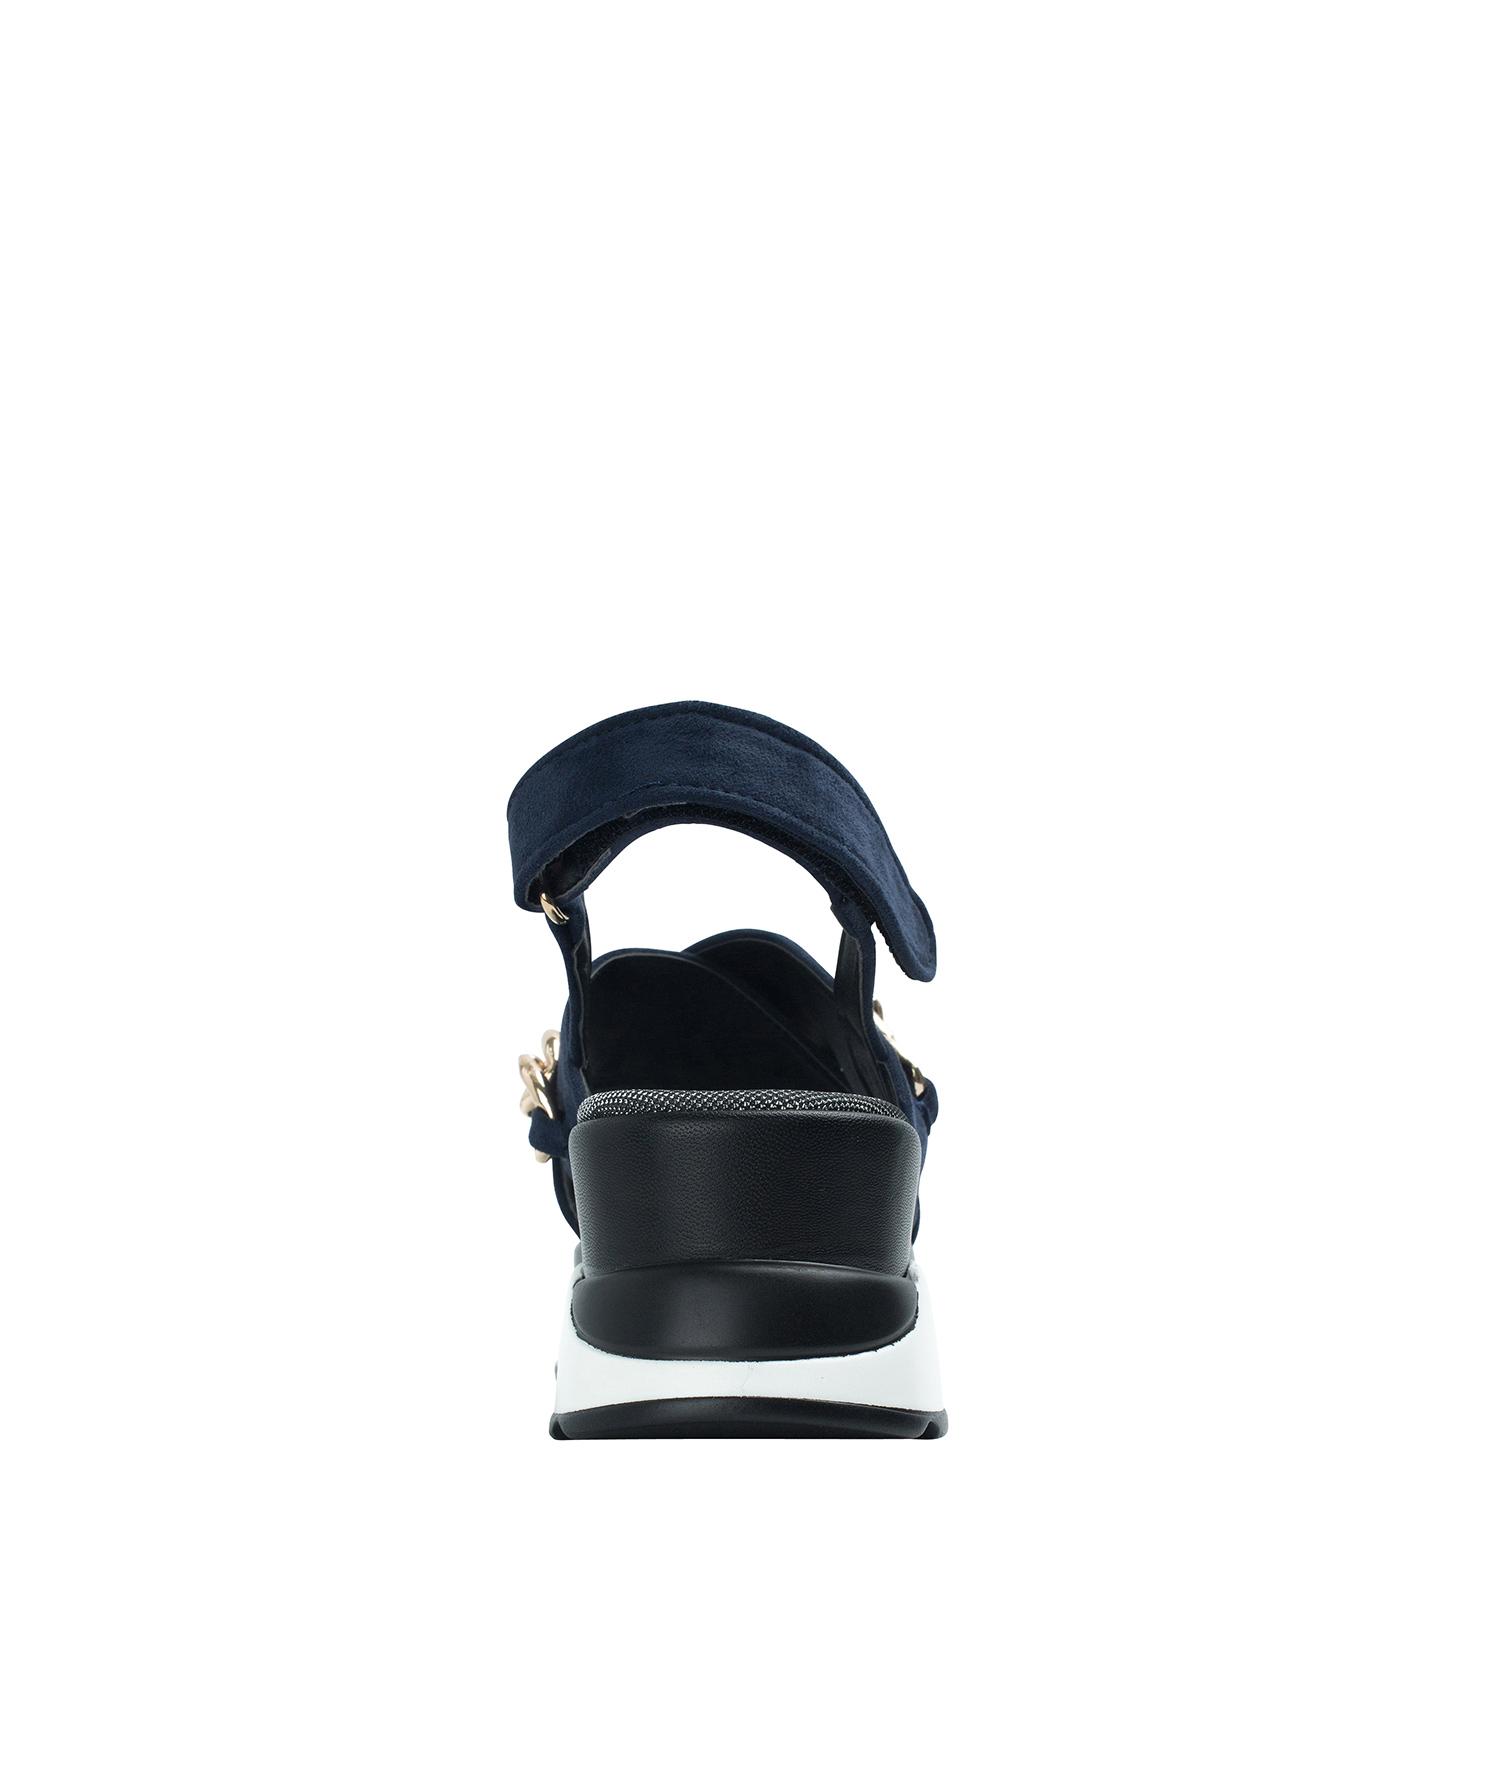 5bd02cbd31e AnnaKastle Womens Criss Cross Chain Sporty Sandals Navy